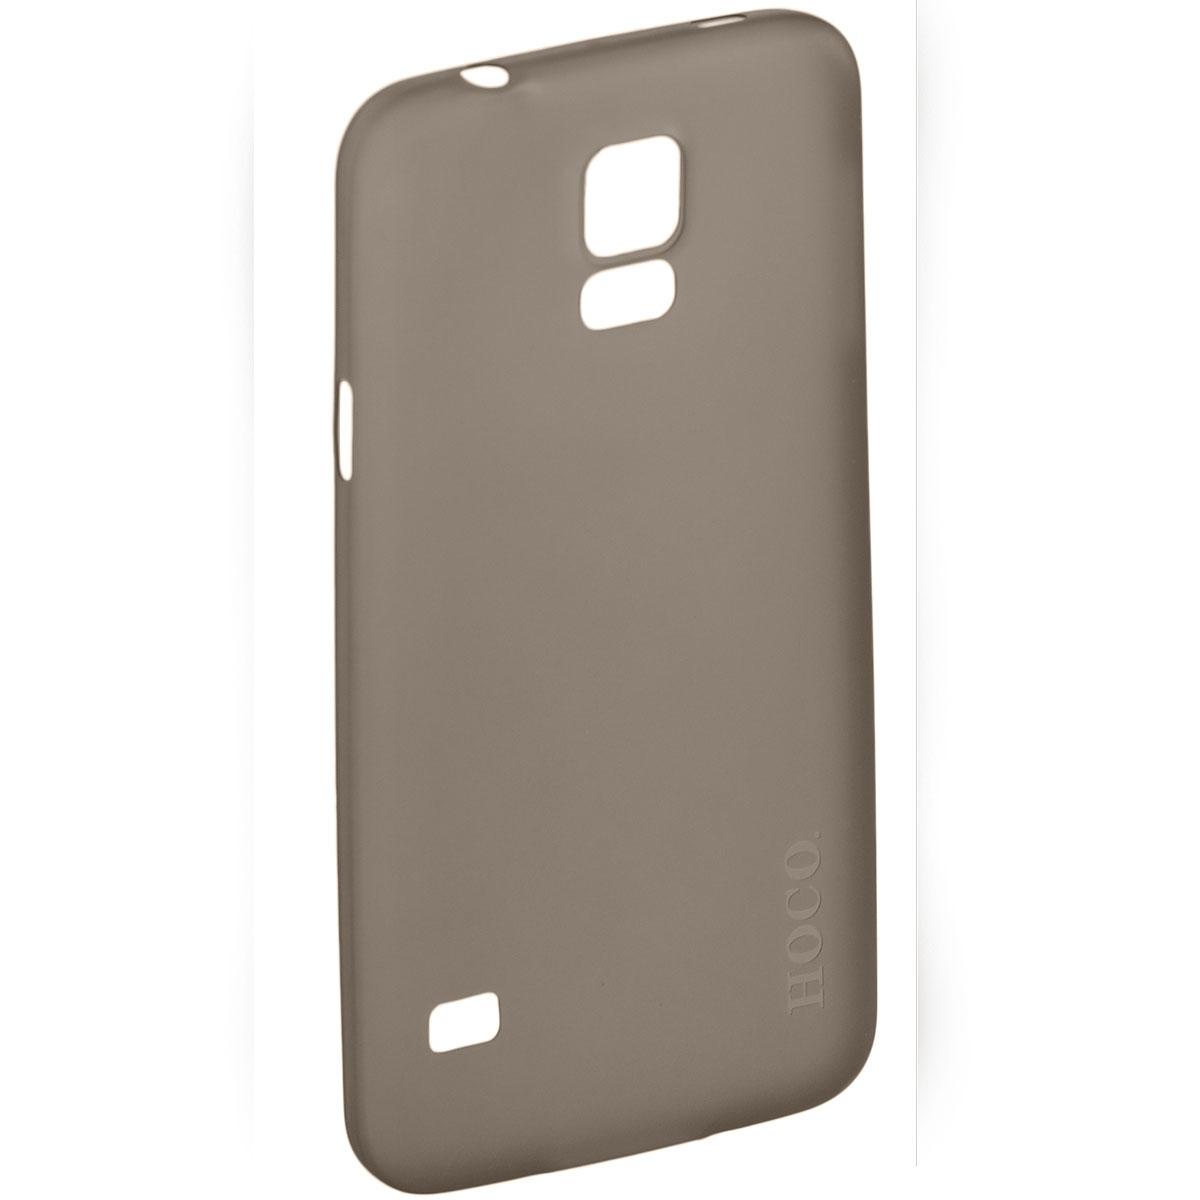 Hoco Thin Series защитная крышка для Samsung Galaxy S5, BlackR0004848Задняя крышка Hoco Thin Series для Samsung Galaxy S5 гарантирует надежную защиту корпуса вашего смартфона от внешнего воздействия (пыль, влага, царапины). Чехол изготовлен из качественного пластика и имеет отверстия для камеры, разъемов и кнопок.